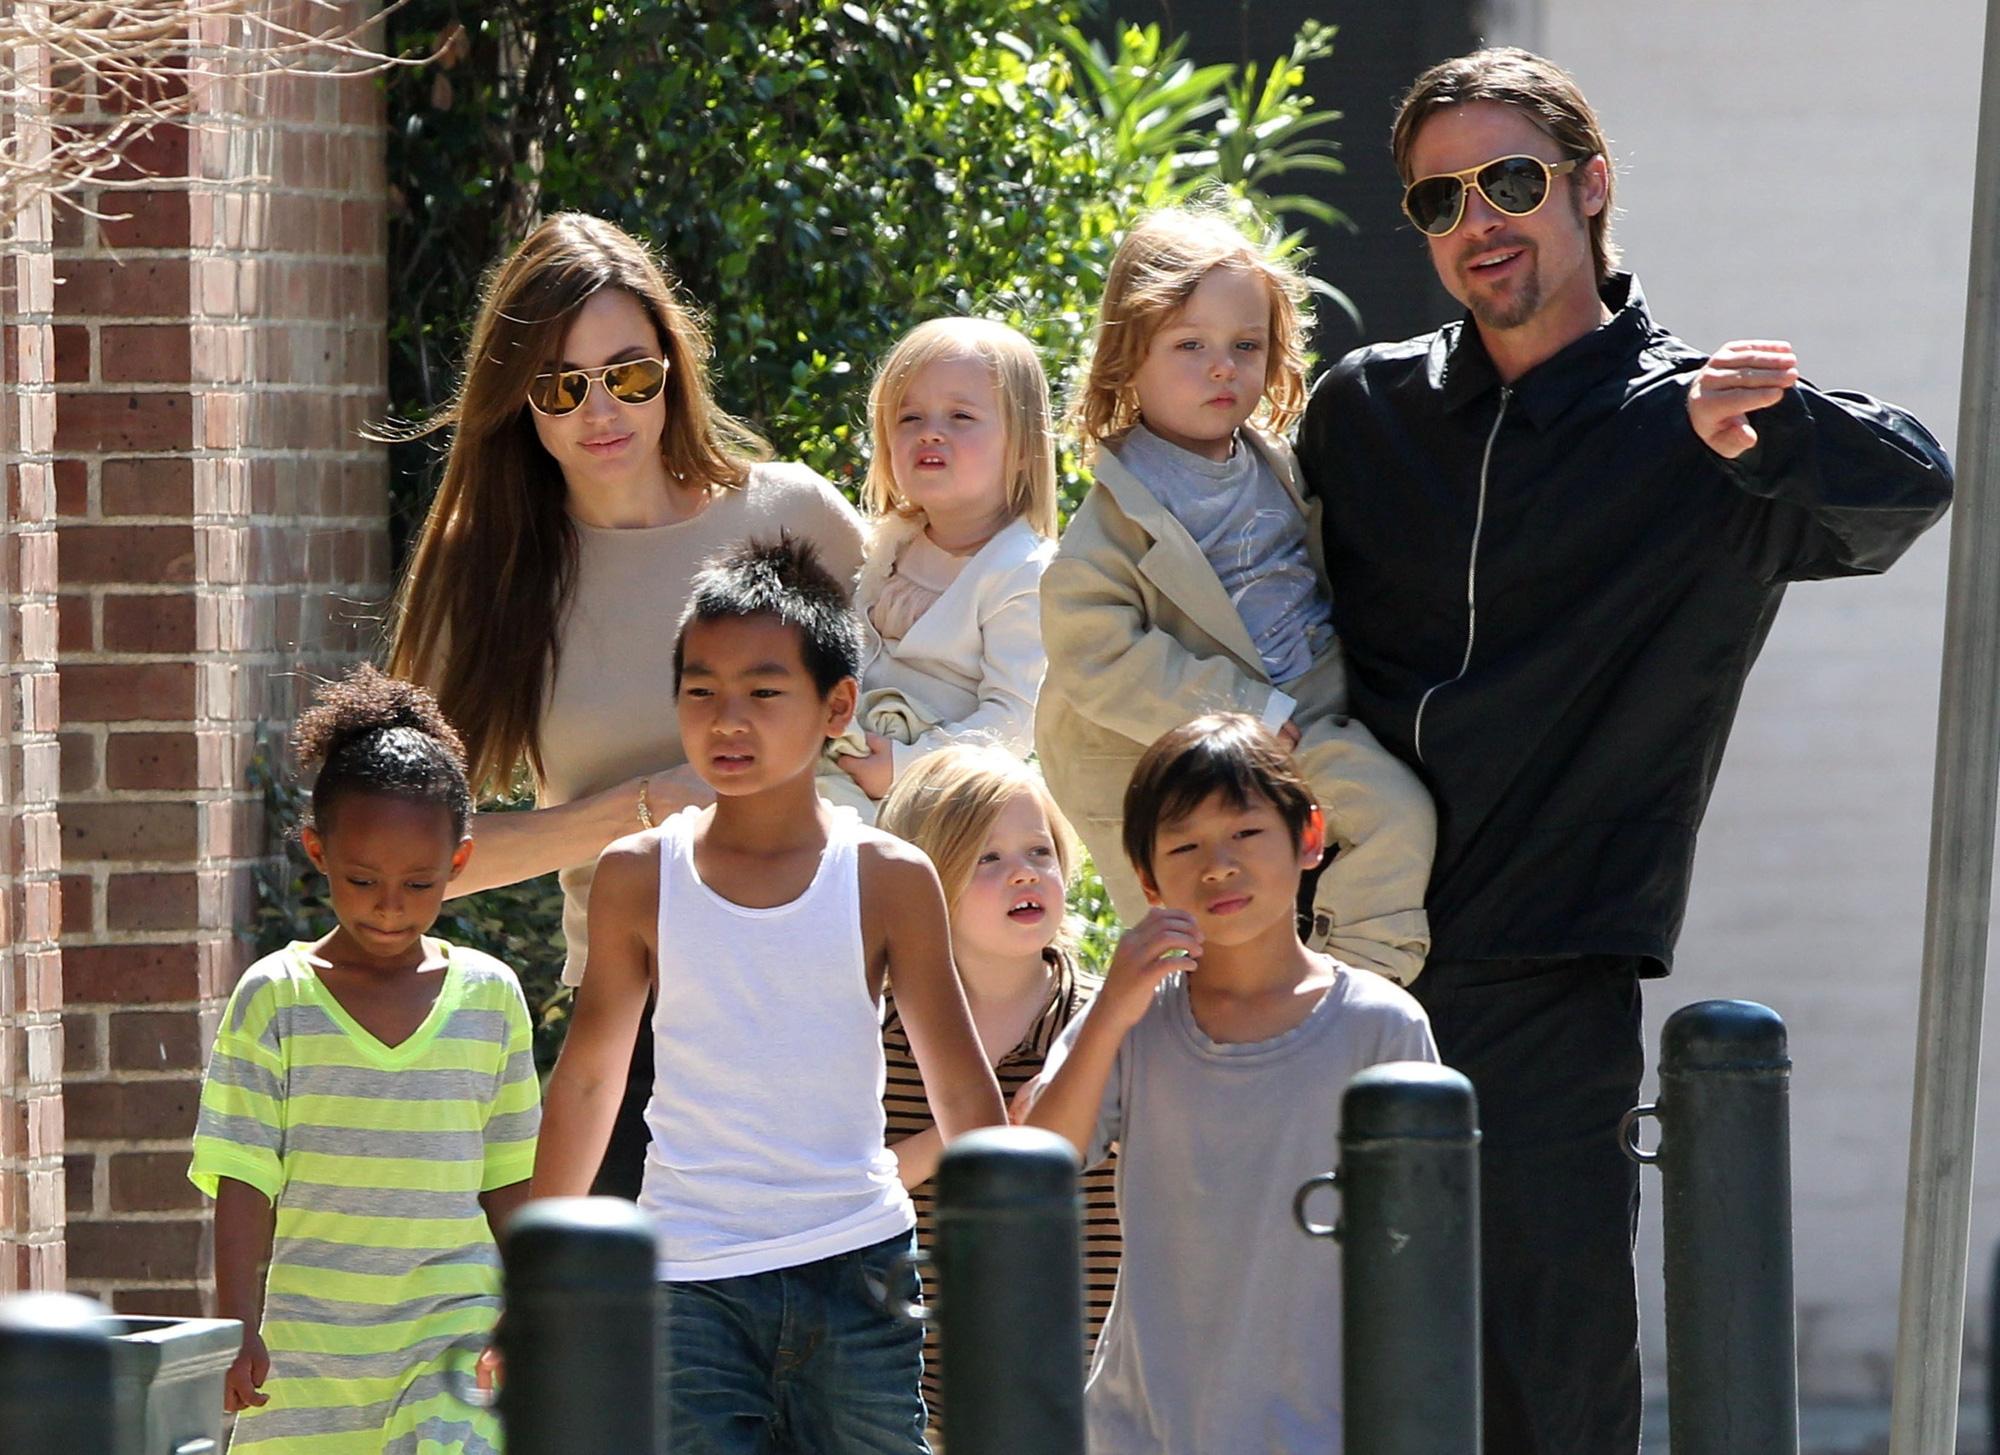 Rộ tin Angelina Jolie nhận nuôi đứa con thứ 7: Lí do khiến Brad Pitt không chịu nổi phải ly hôn là đây?-2